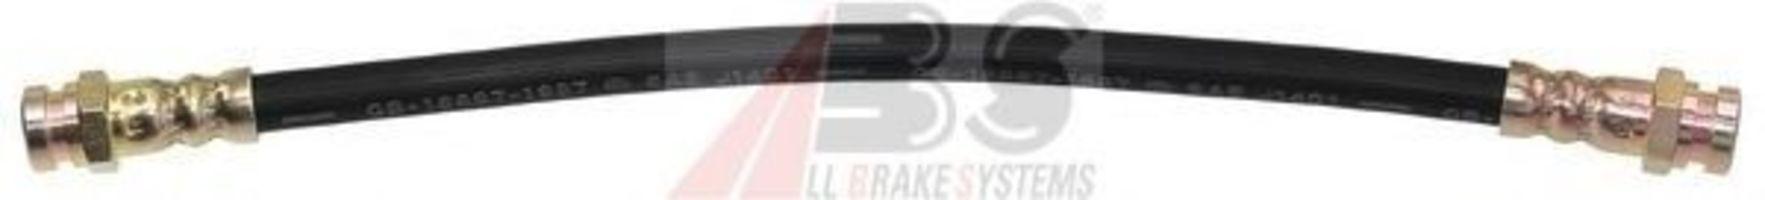 Тормозной шланг A.B.S. SL3972